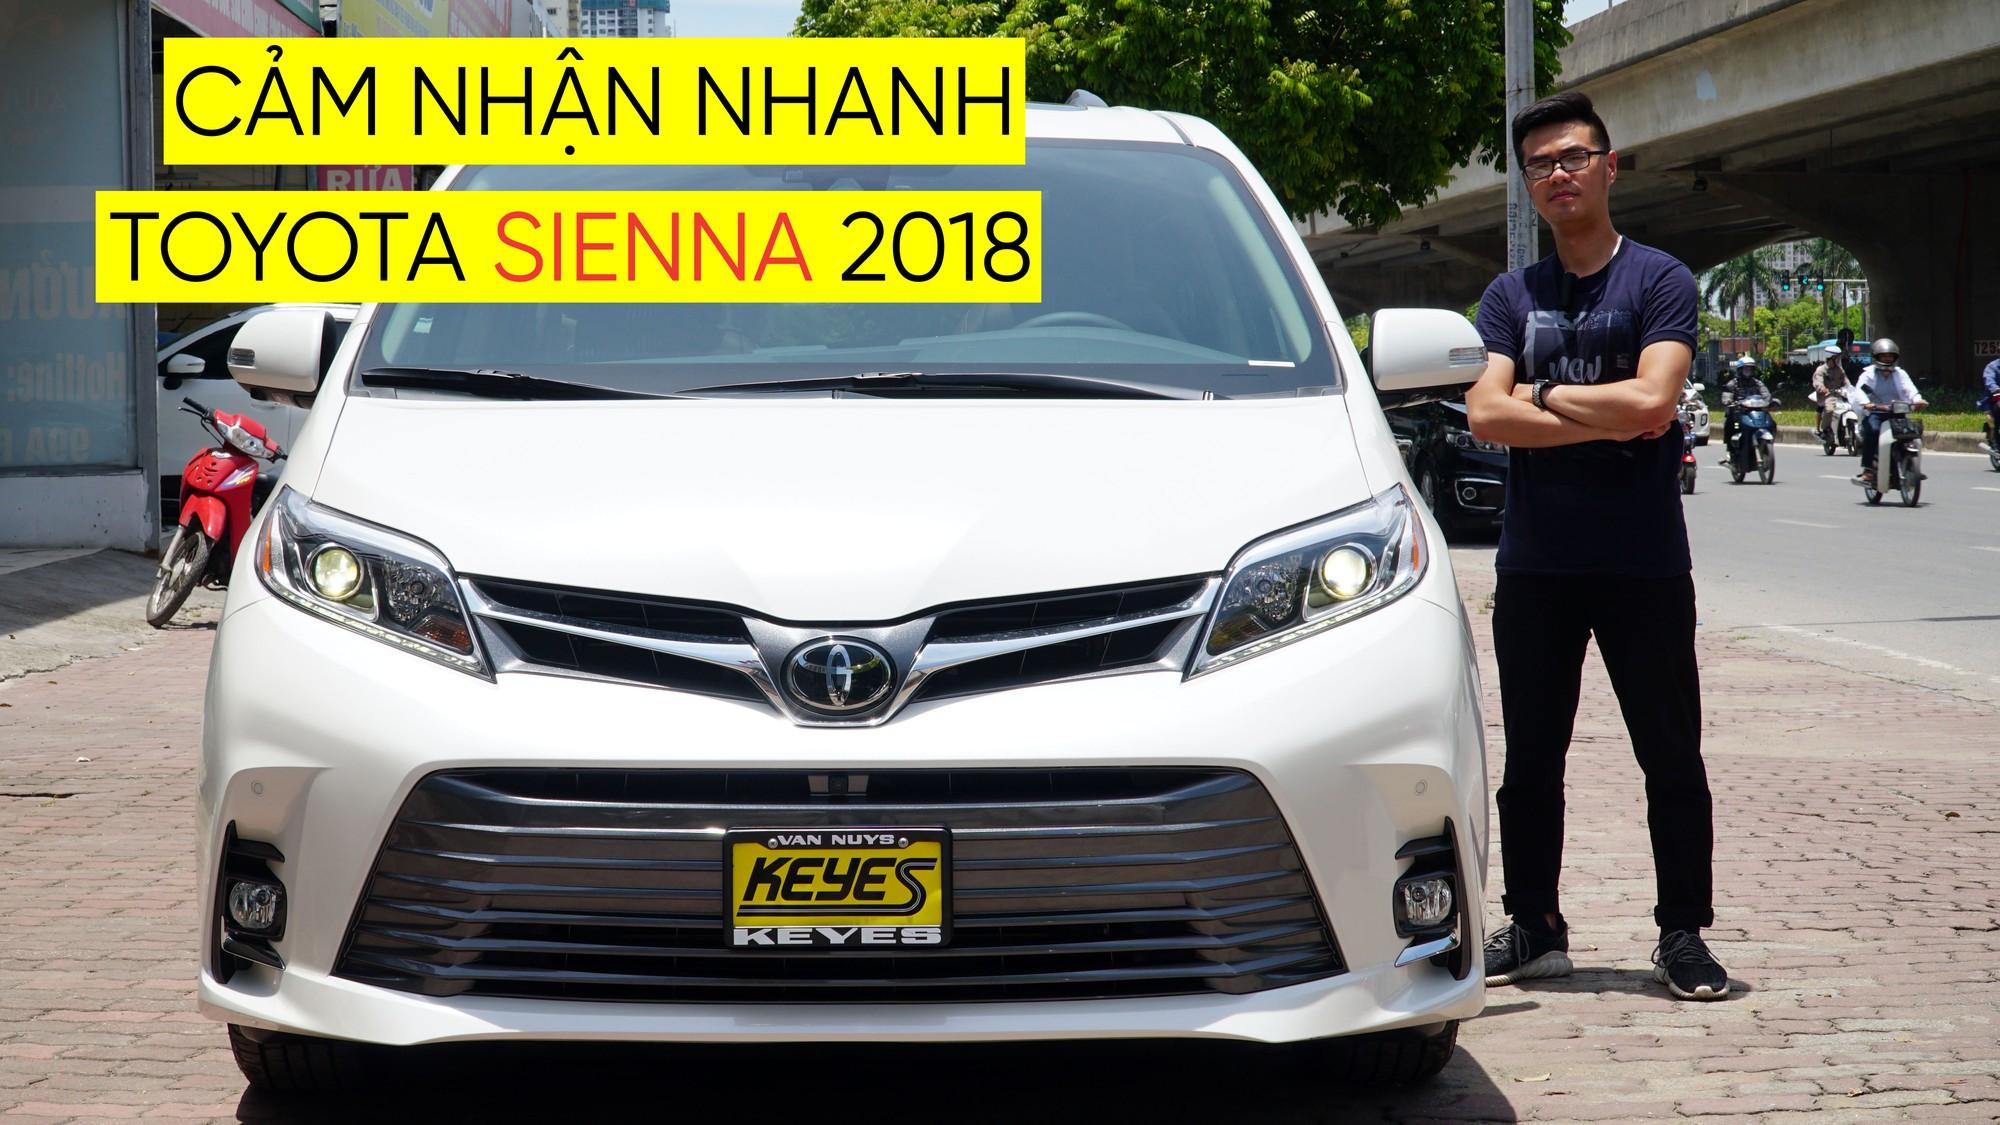 Cảm nhận nhanh Toyota Sienna 2018